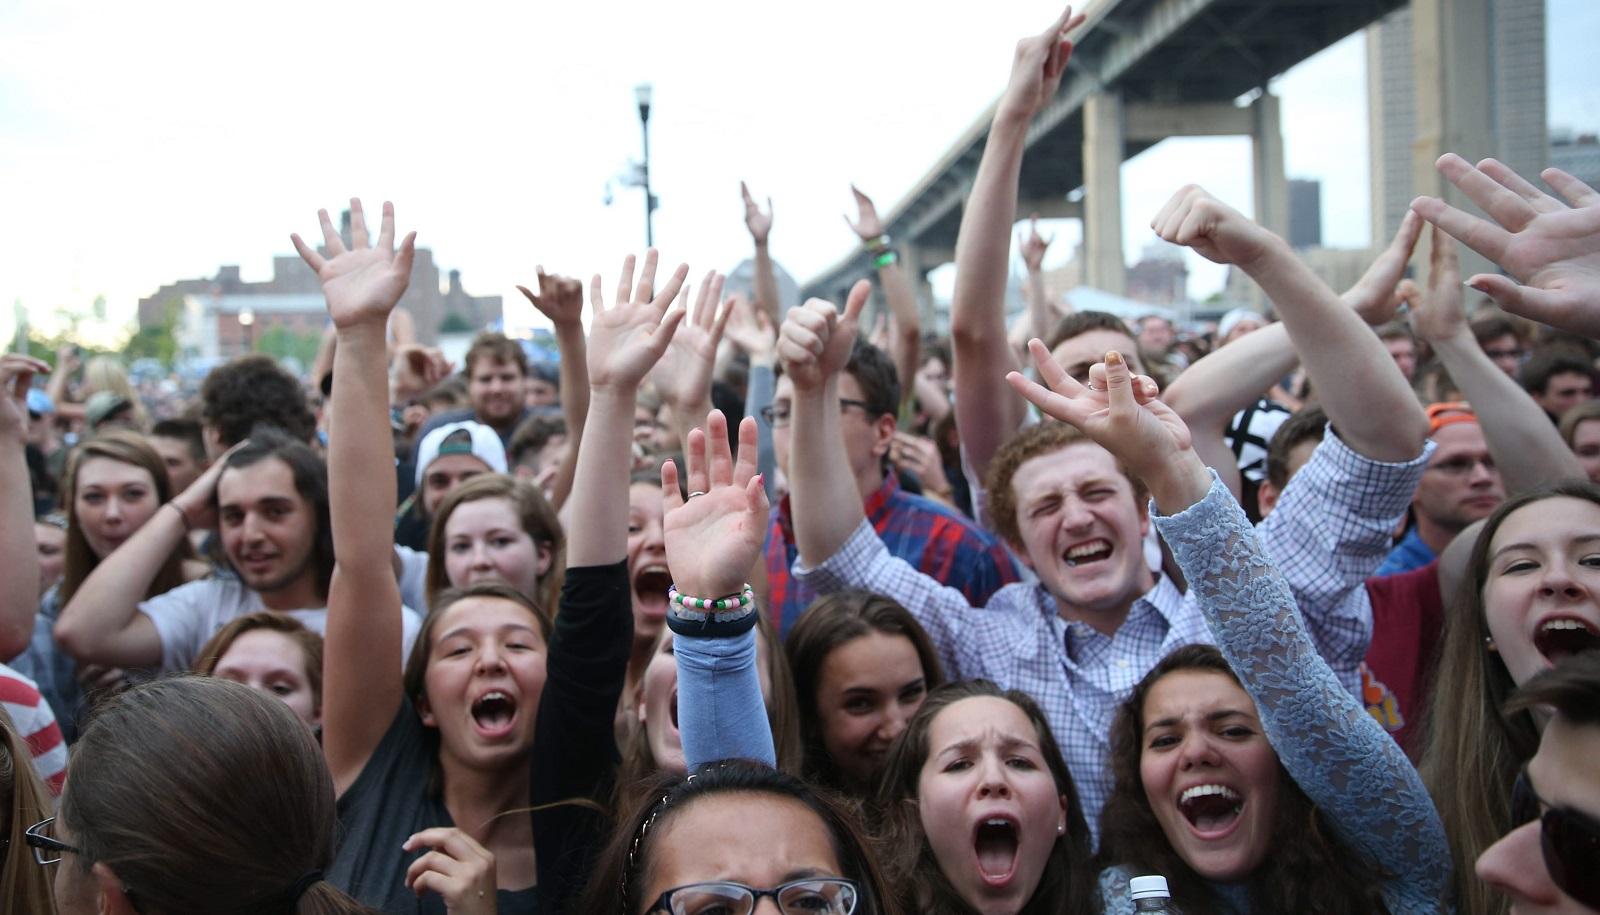 Prepare for the 2016 summer concert season in Buffalo. (Sharon Cantillon/Buffalo News file photo)